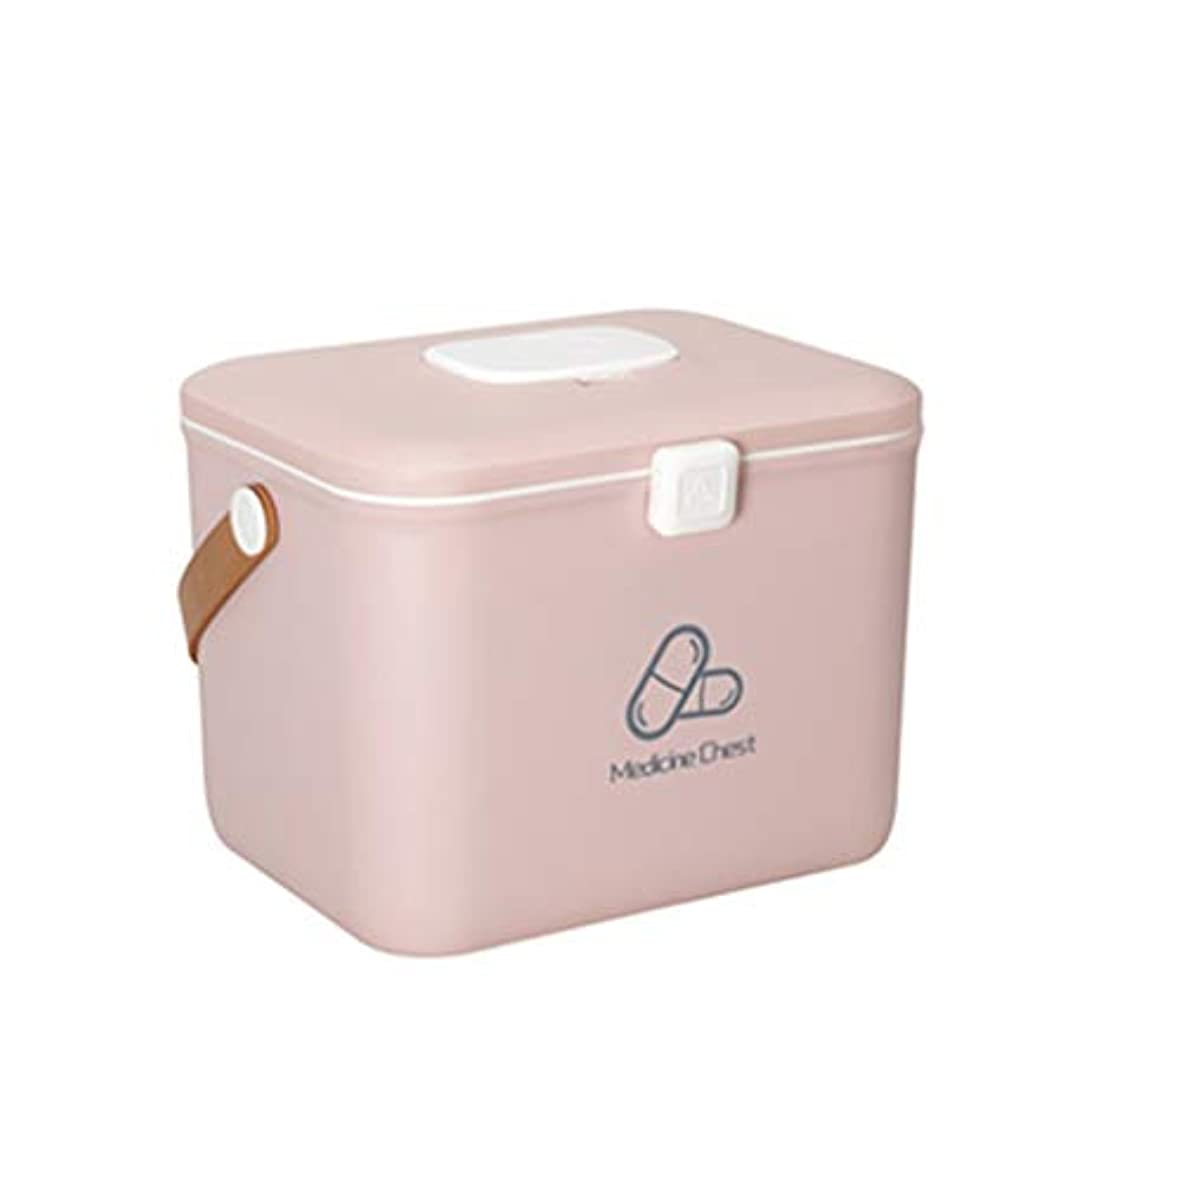 反対した指導するキャンバスIUYWL 医療用収納ボックス、ポータブル救急箱、在宅医療用キャビネット (Color : Pink, Size : 30cm×22cm)